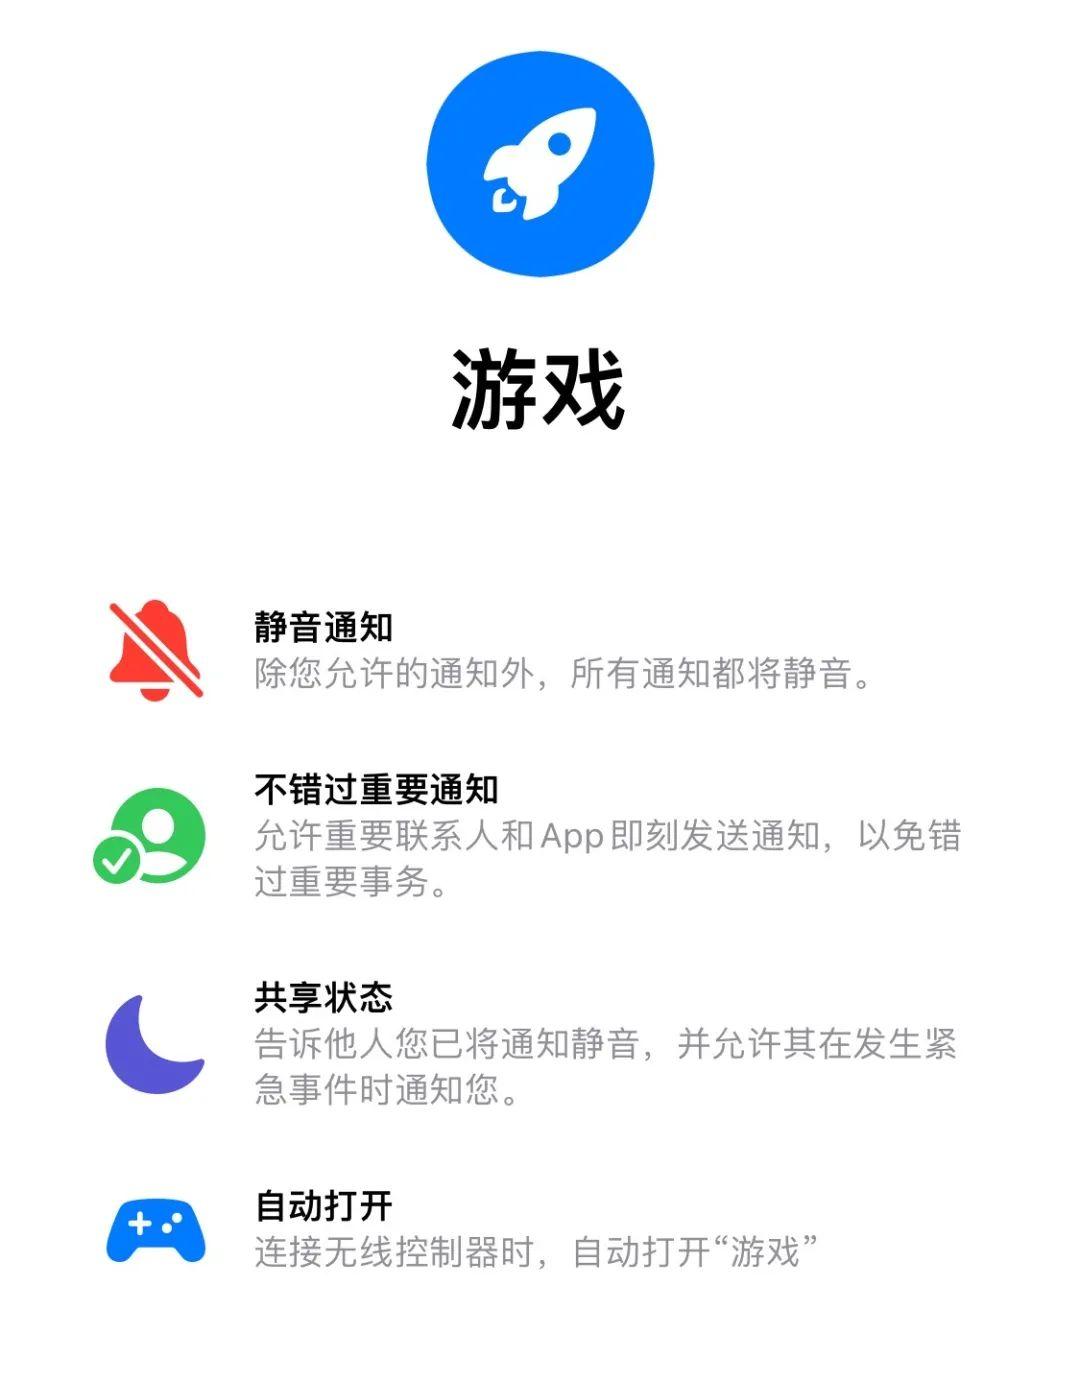 游戏中勿扰!iOS 15自带游戏专属模式